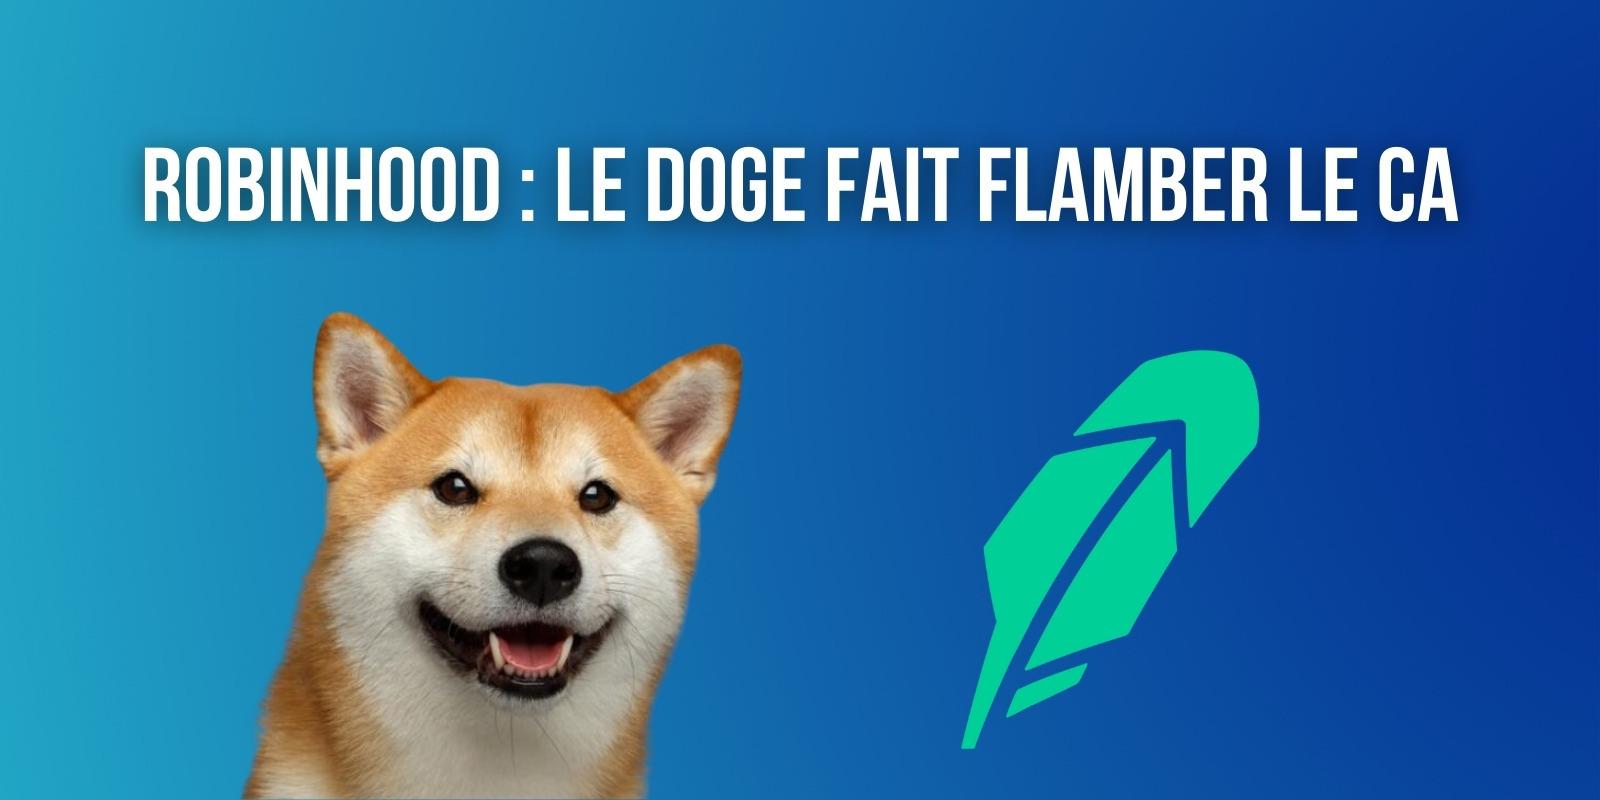 Robinhood réalise la moitié de son chiffre d'affaires grâce aux cryptomonnaies et au Dogecoin (DOGE)